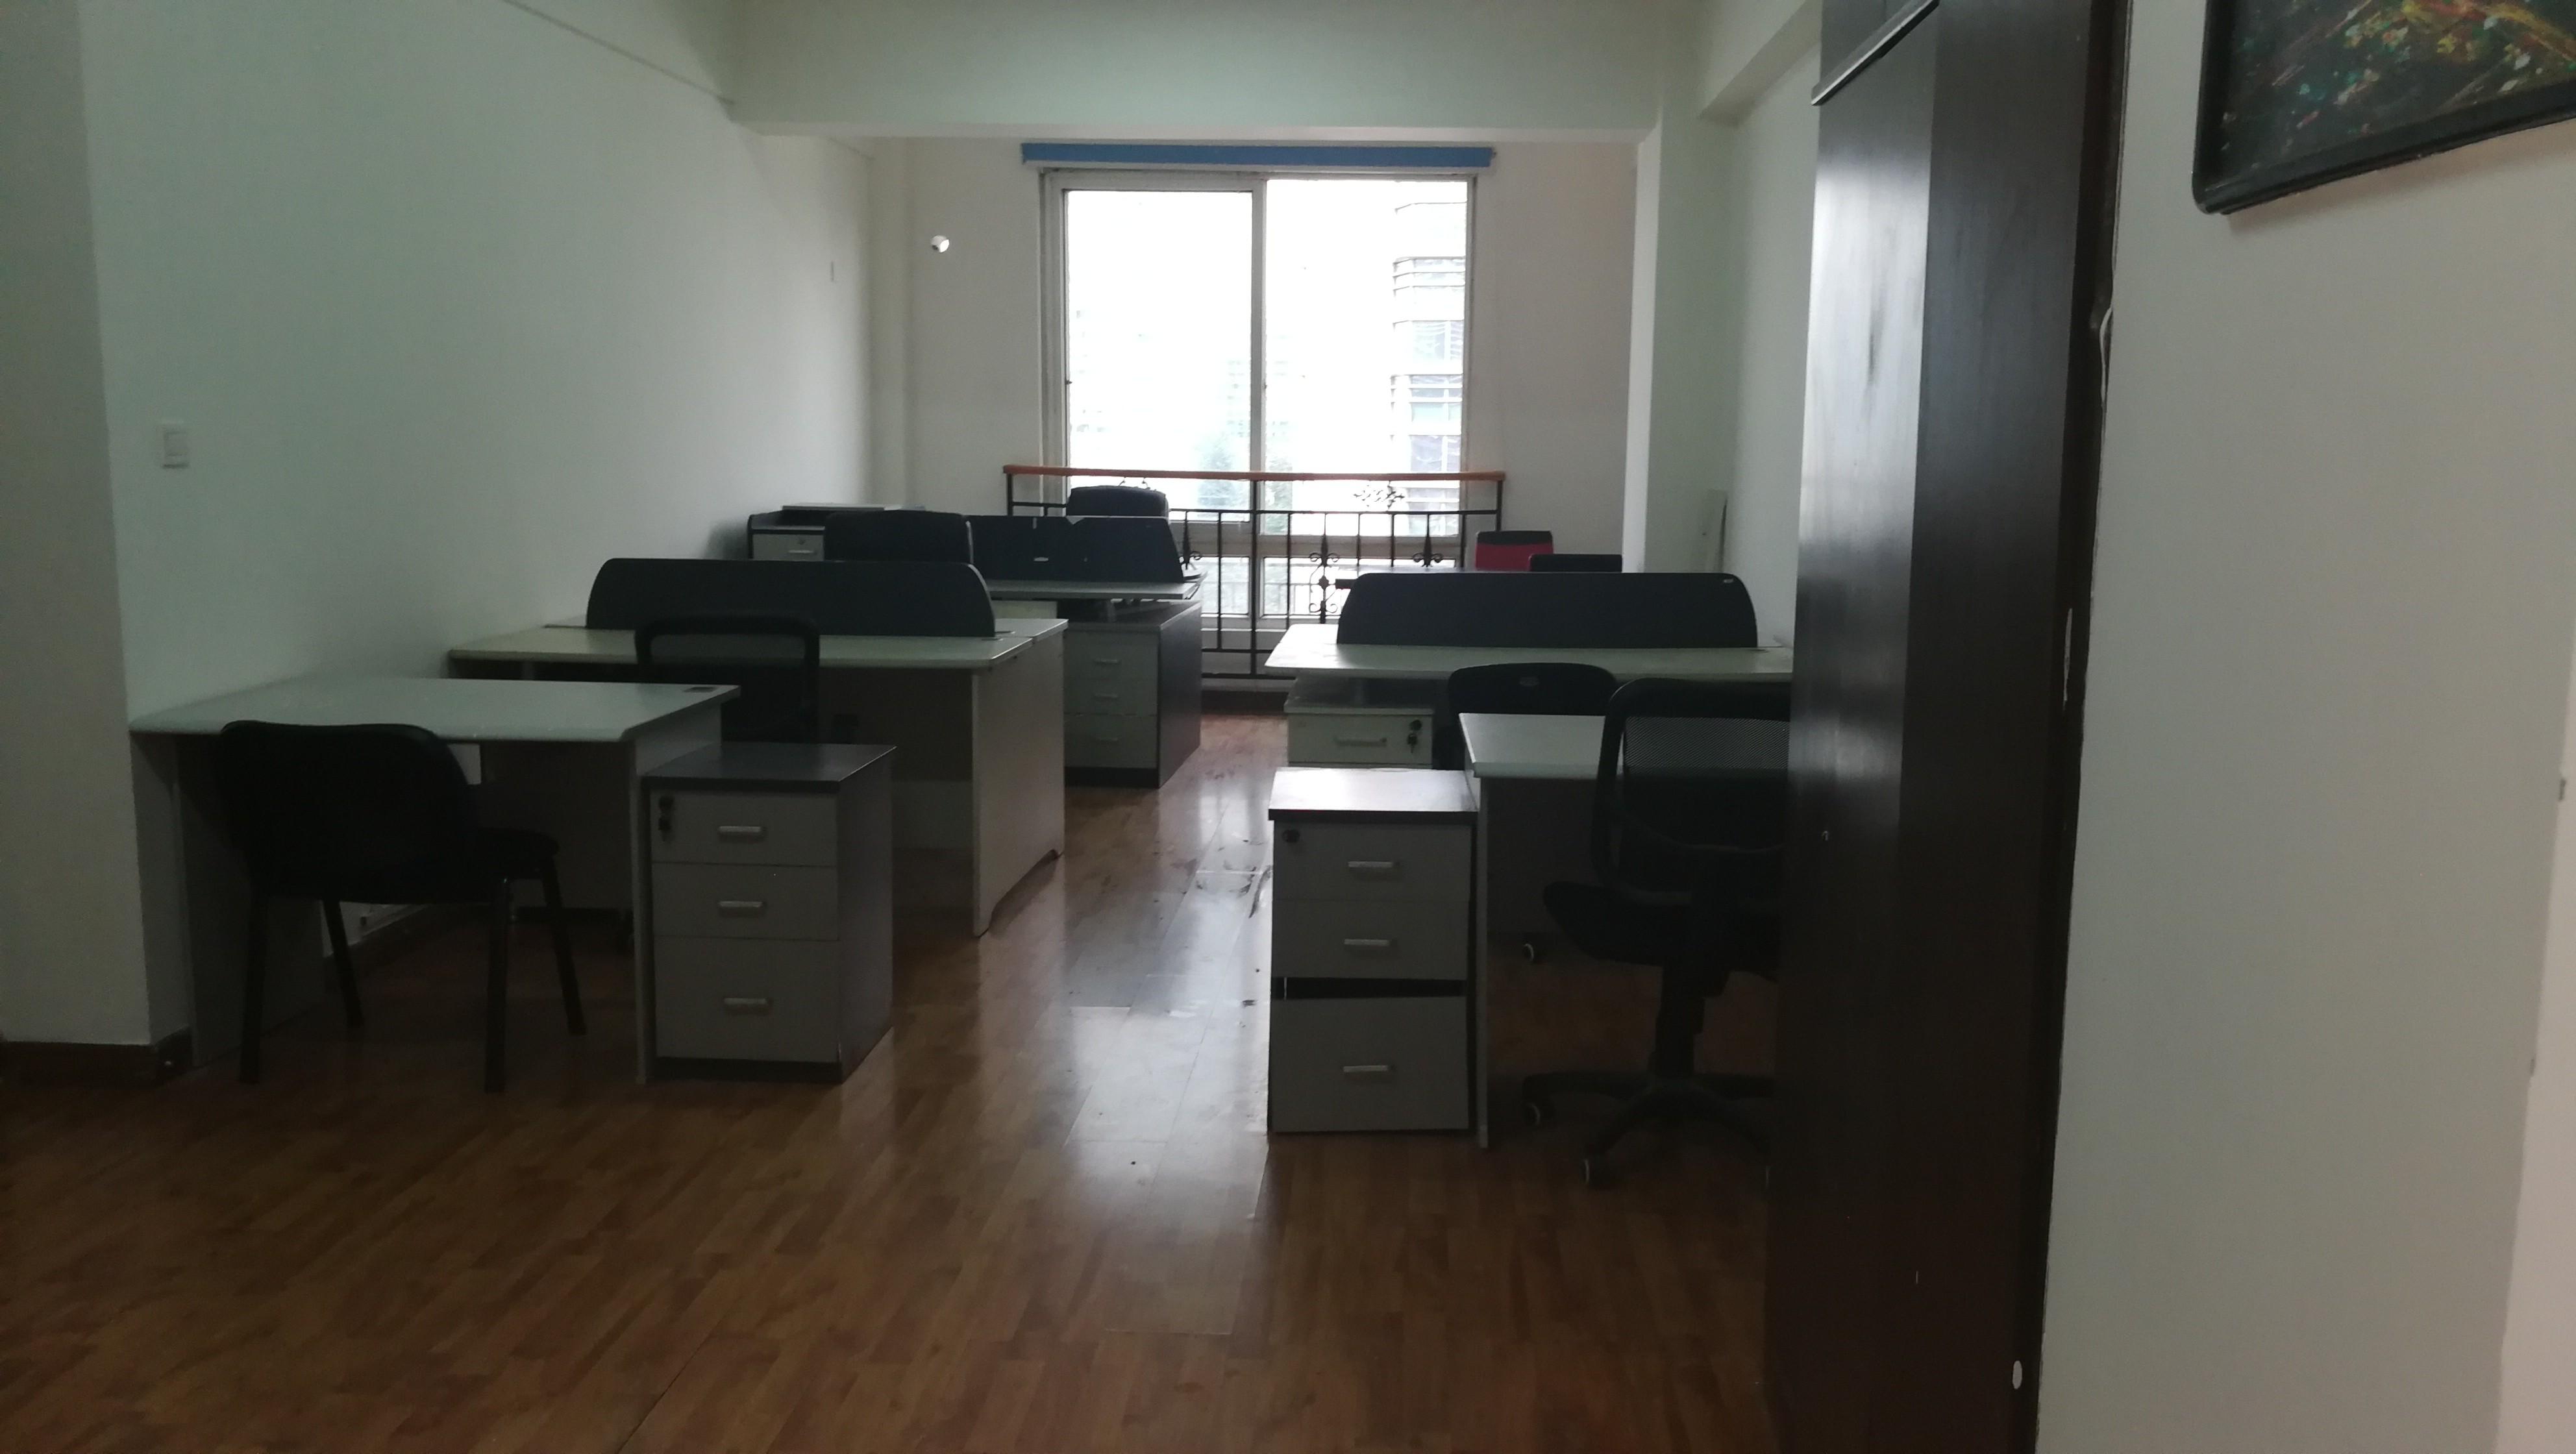 督院街 美华大厦 1室 1厅 103平米 整租美华大厦